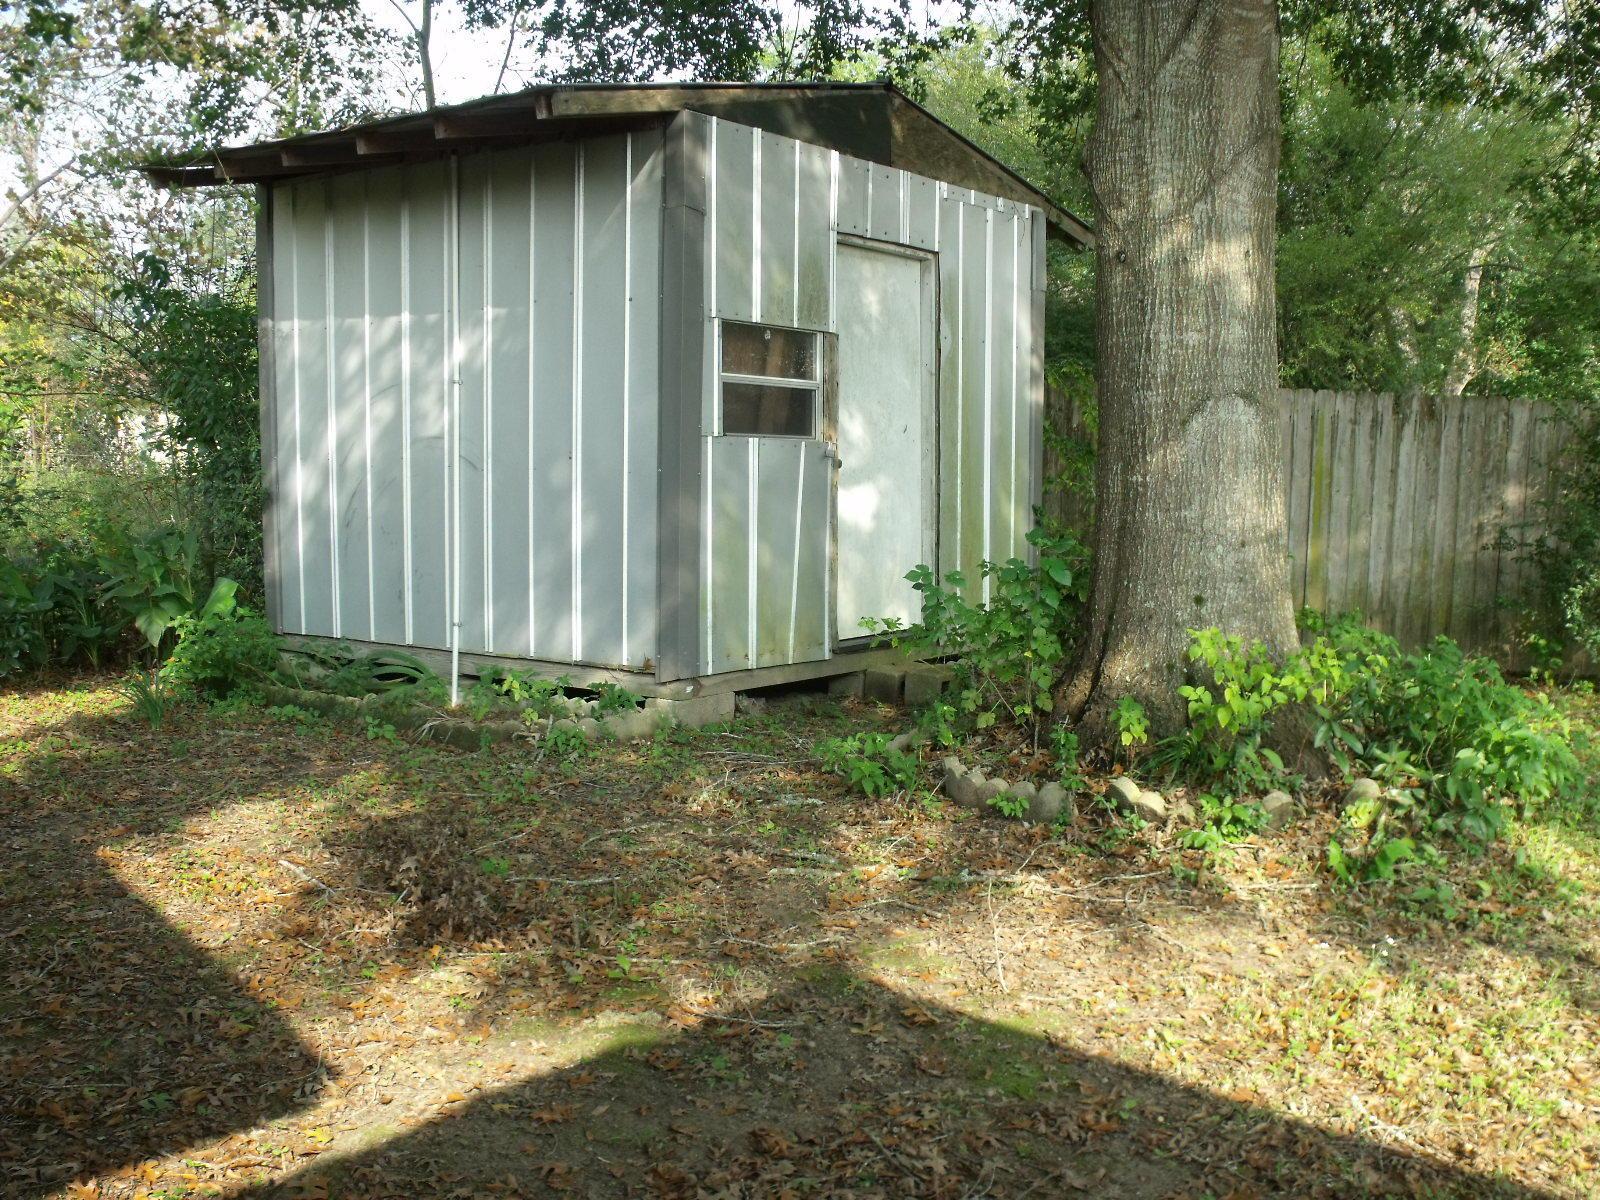 DeRidder home for sale, 815 King St, DeRidder LA - $32,000